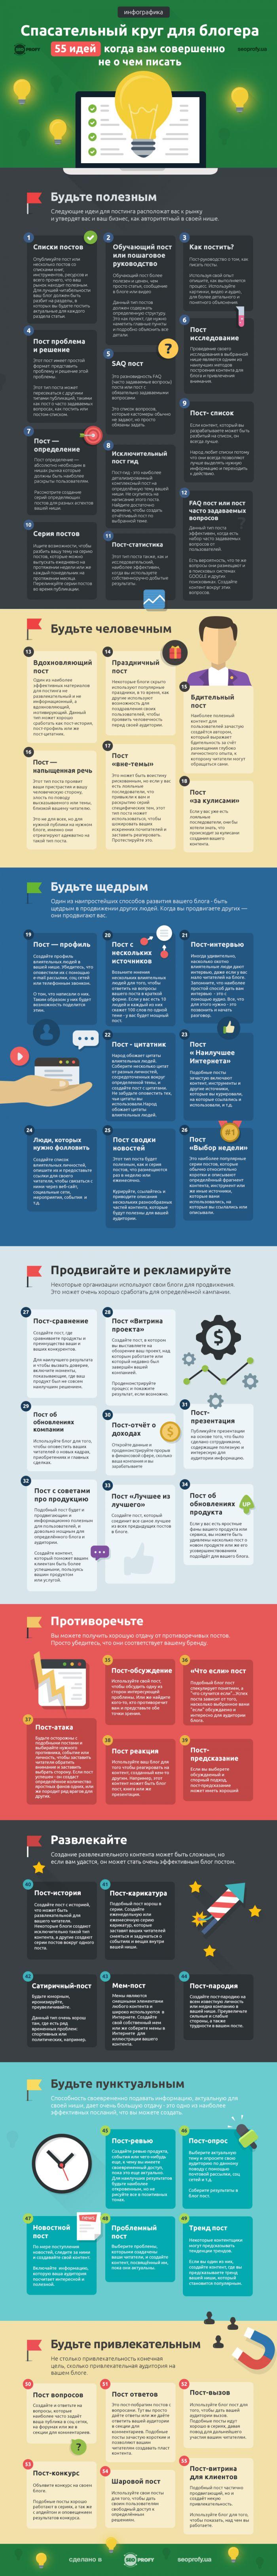 Идеи контента для блоггера [инфографика] : seoprofy.ua